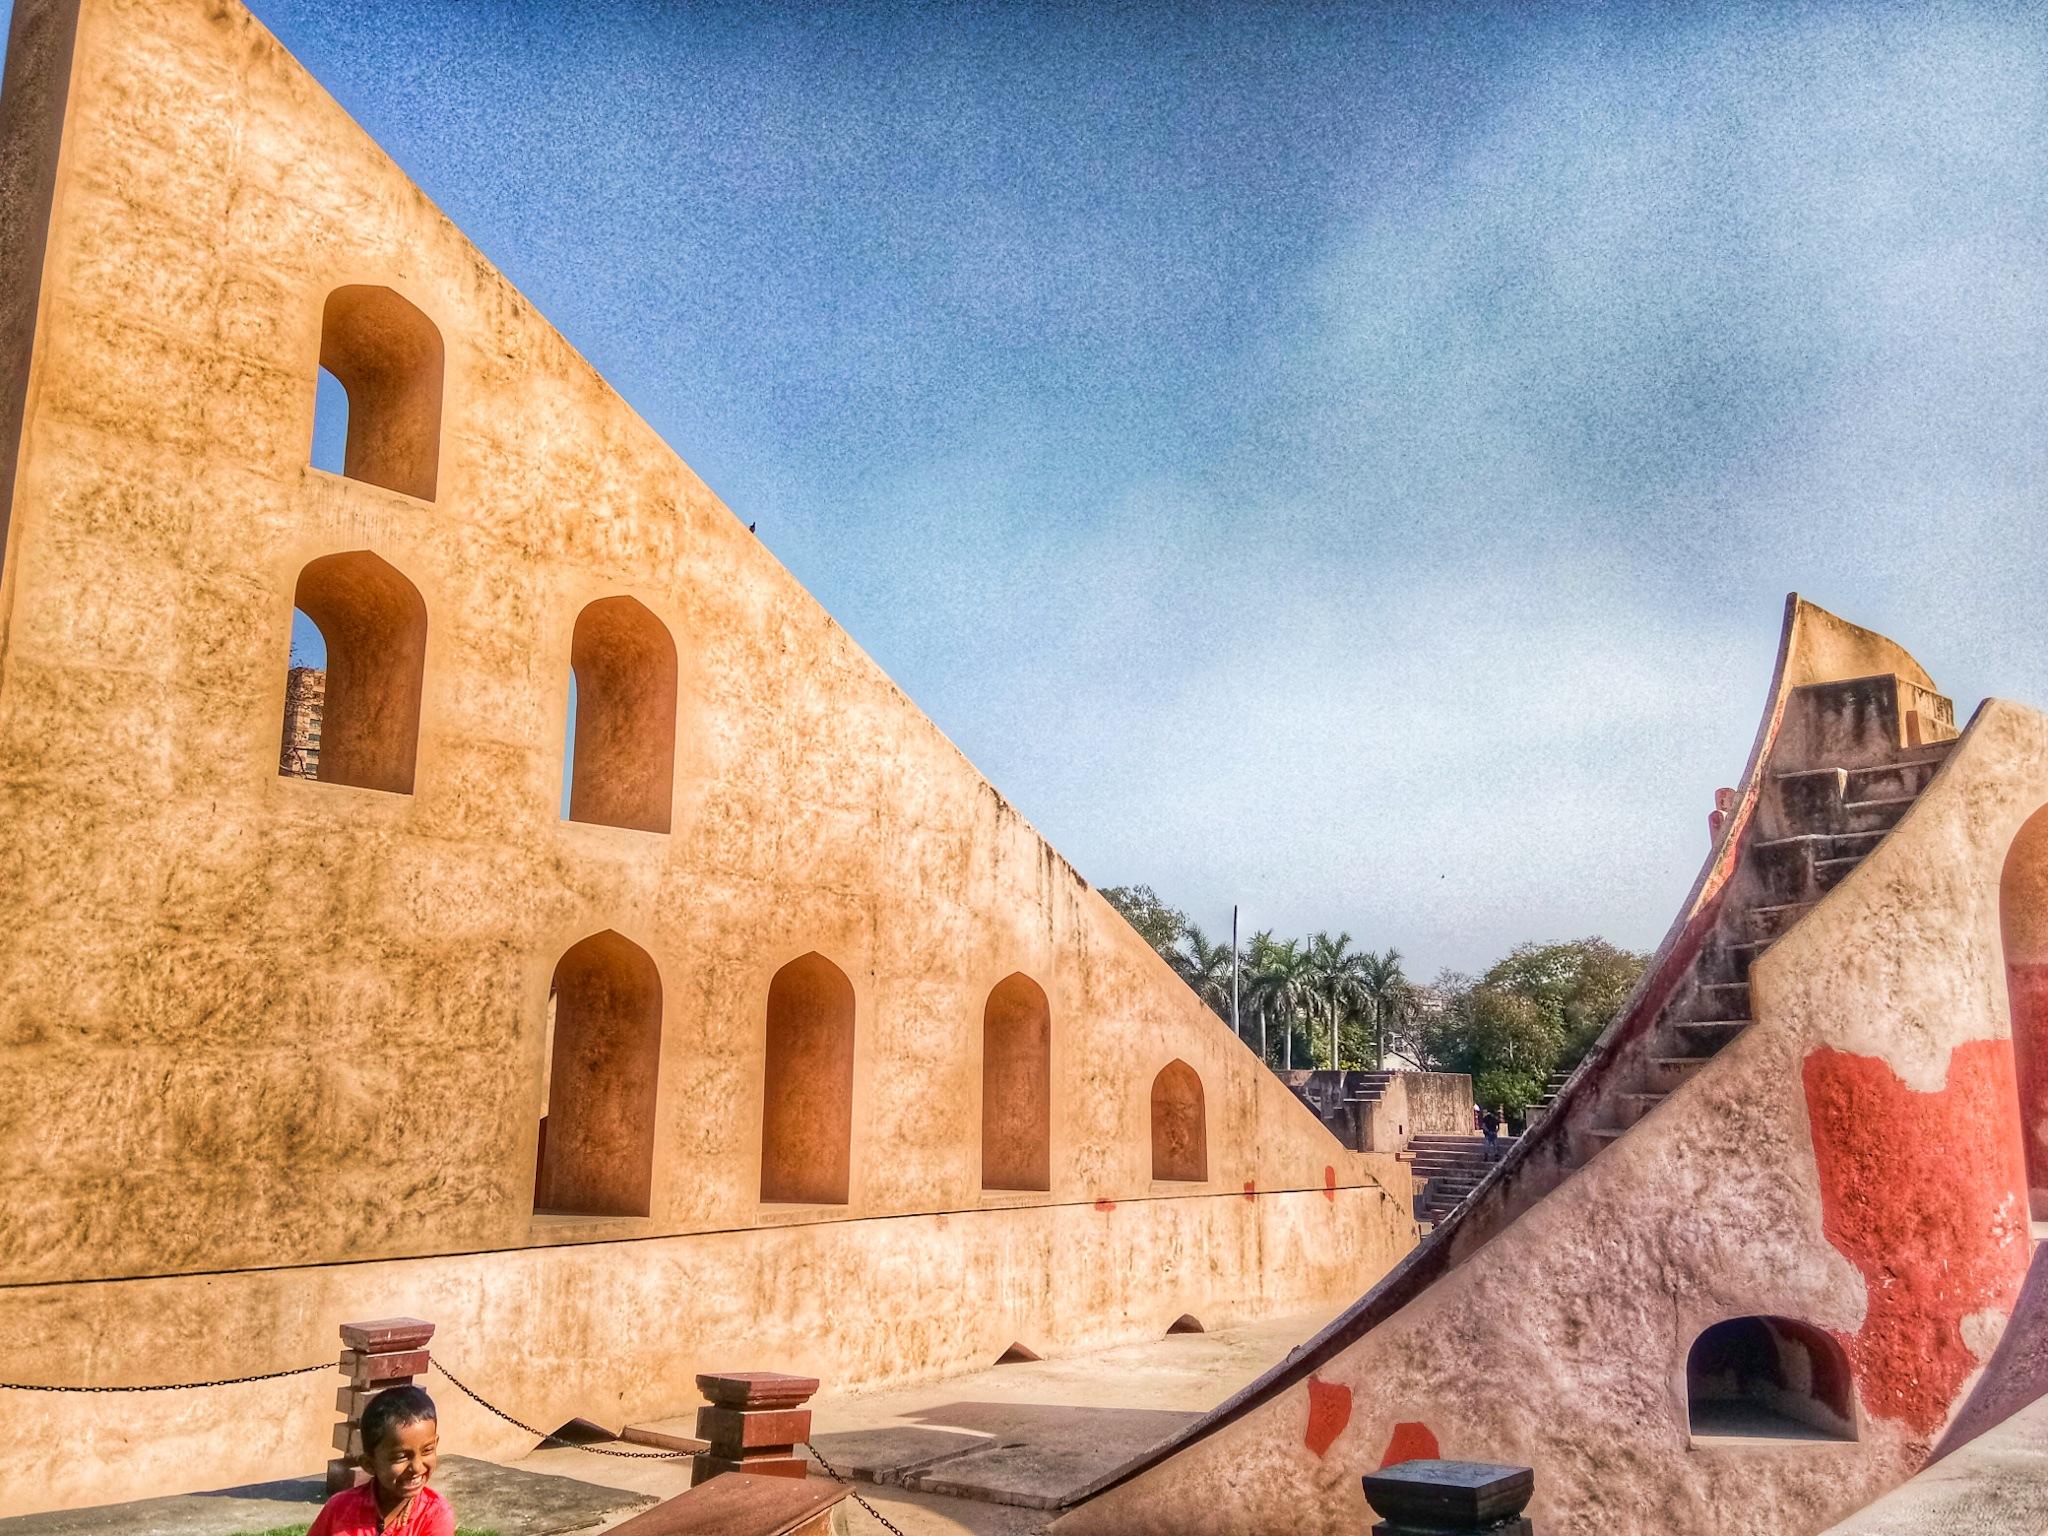 Jantar Mantar,New Delhi by SritomaB